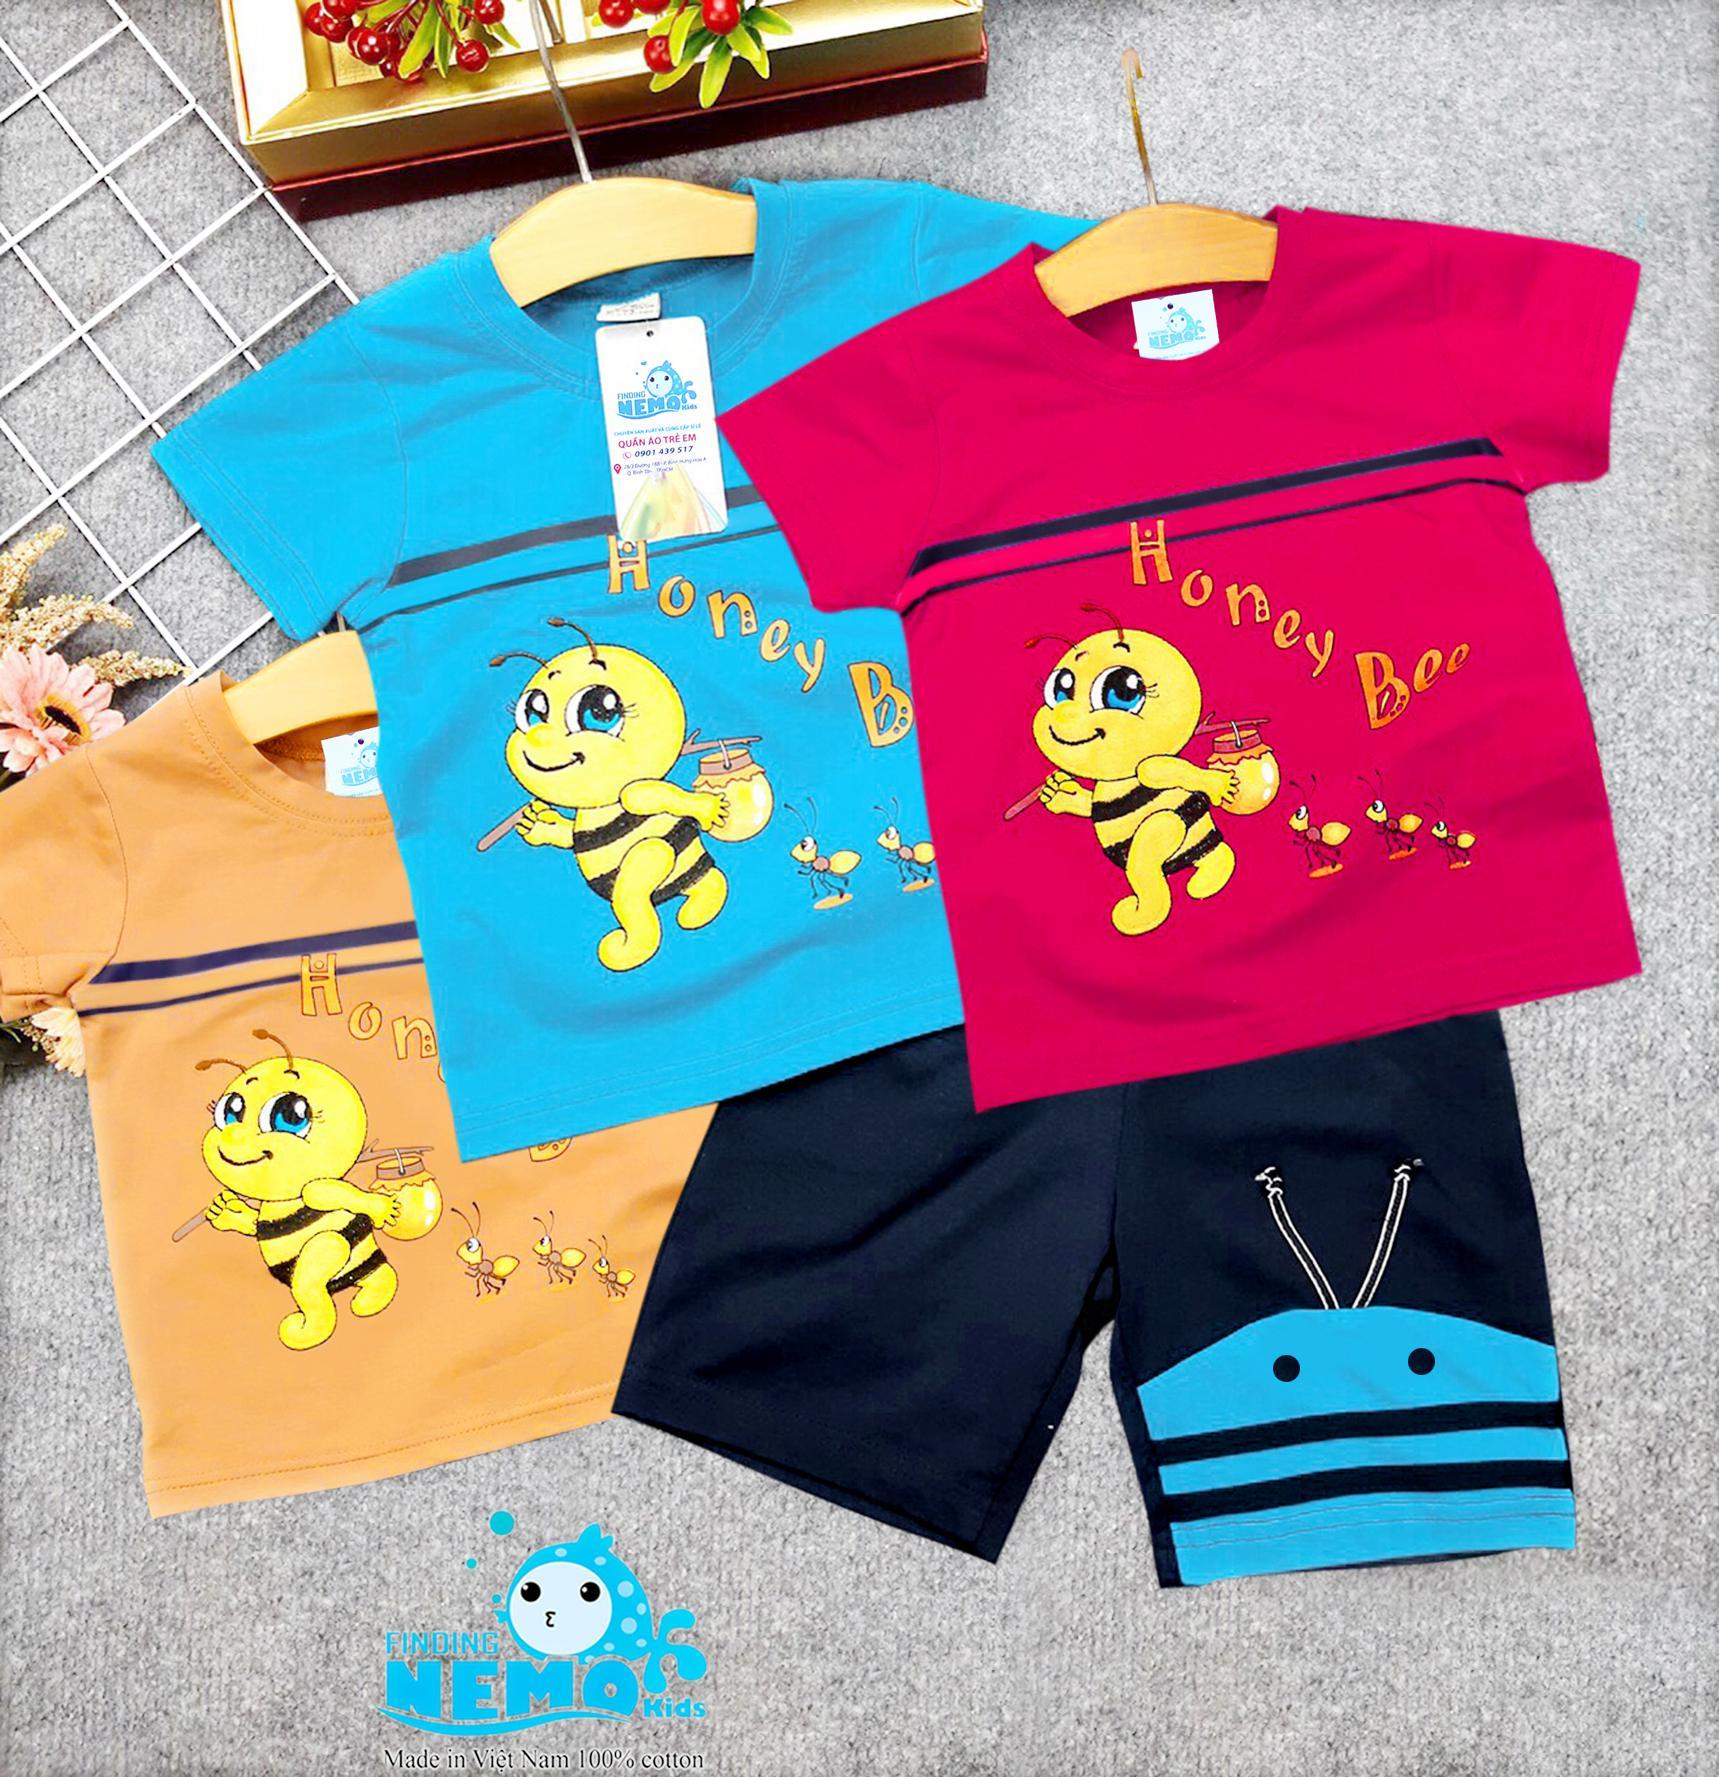 (GIÁ TẬN XƯỞNG) COMBO 3 bộ đồ quần áo trẻ em có 3 màu khác nhau in hình chú ong dễ thương cho bé trai từ 8kg đến 26kg